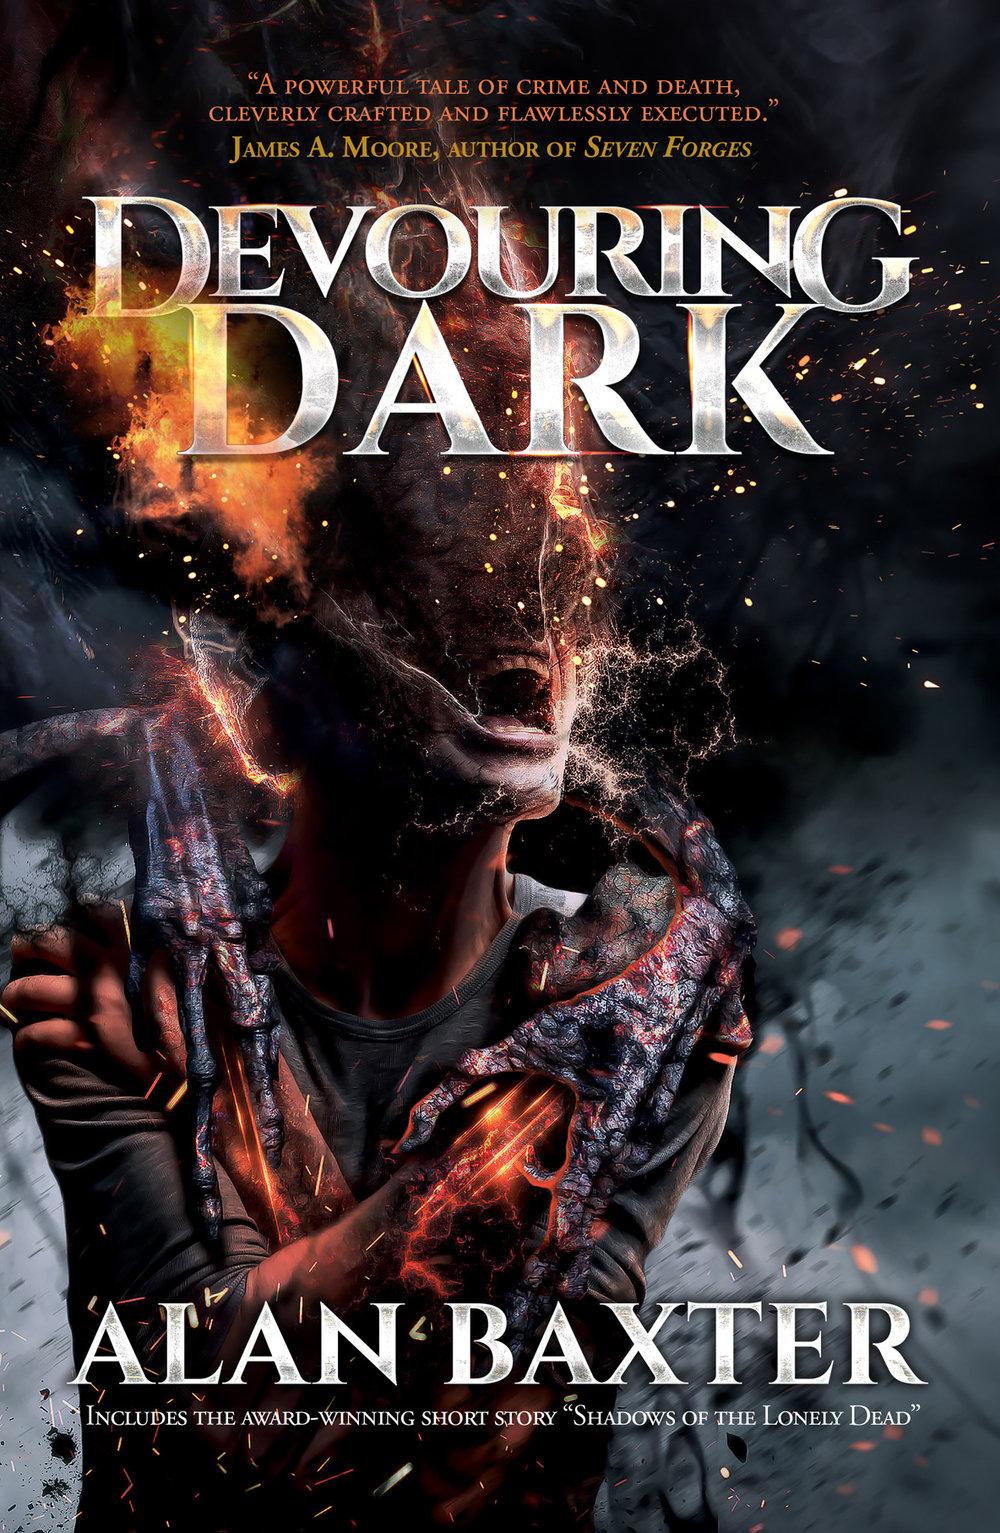 Devouring Dark_Alan Baxter.jpg